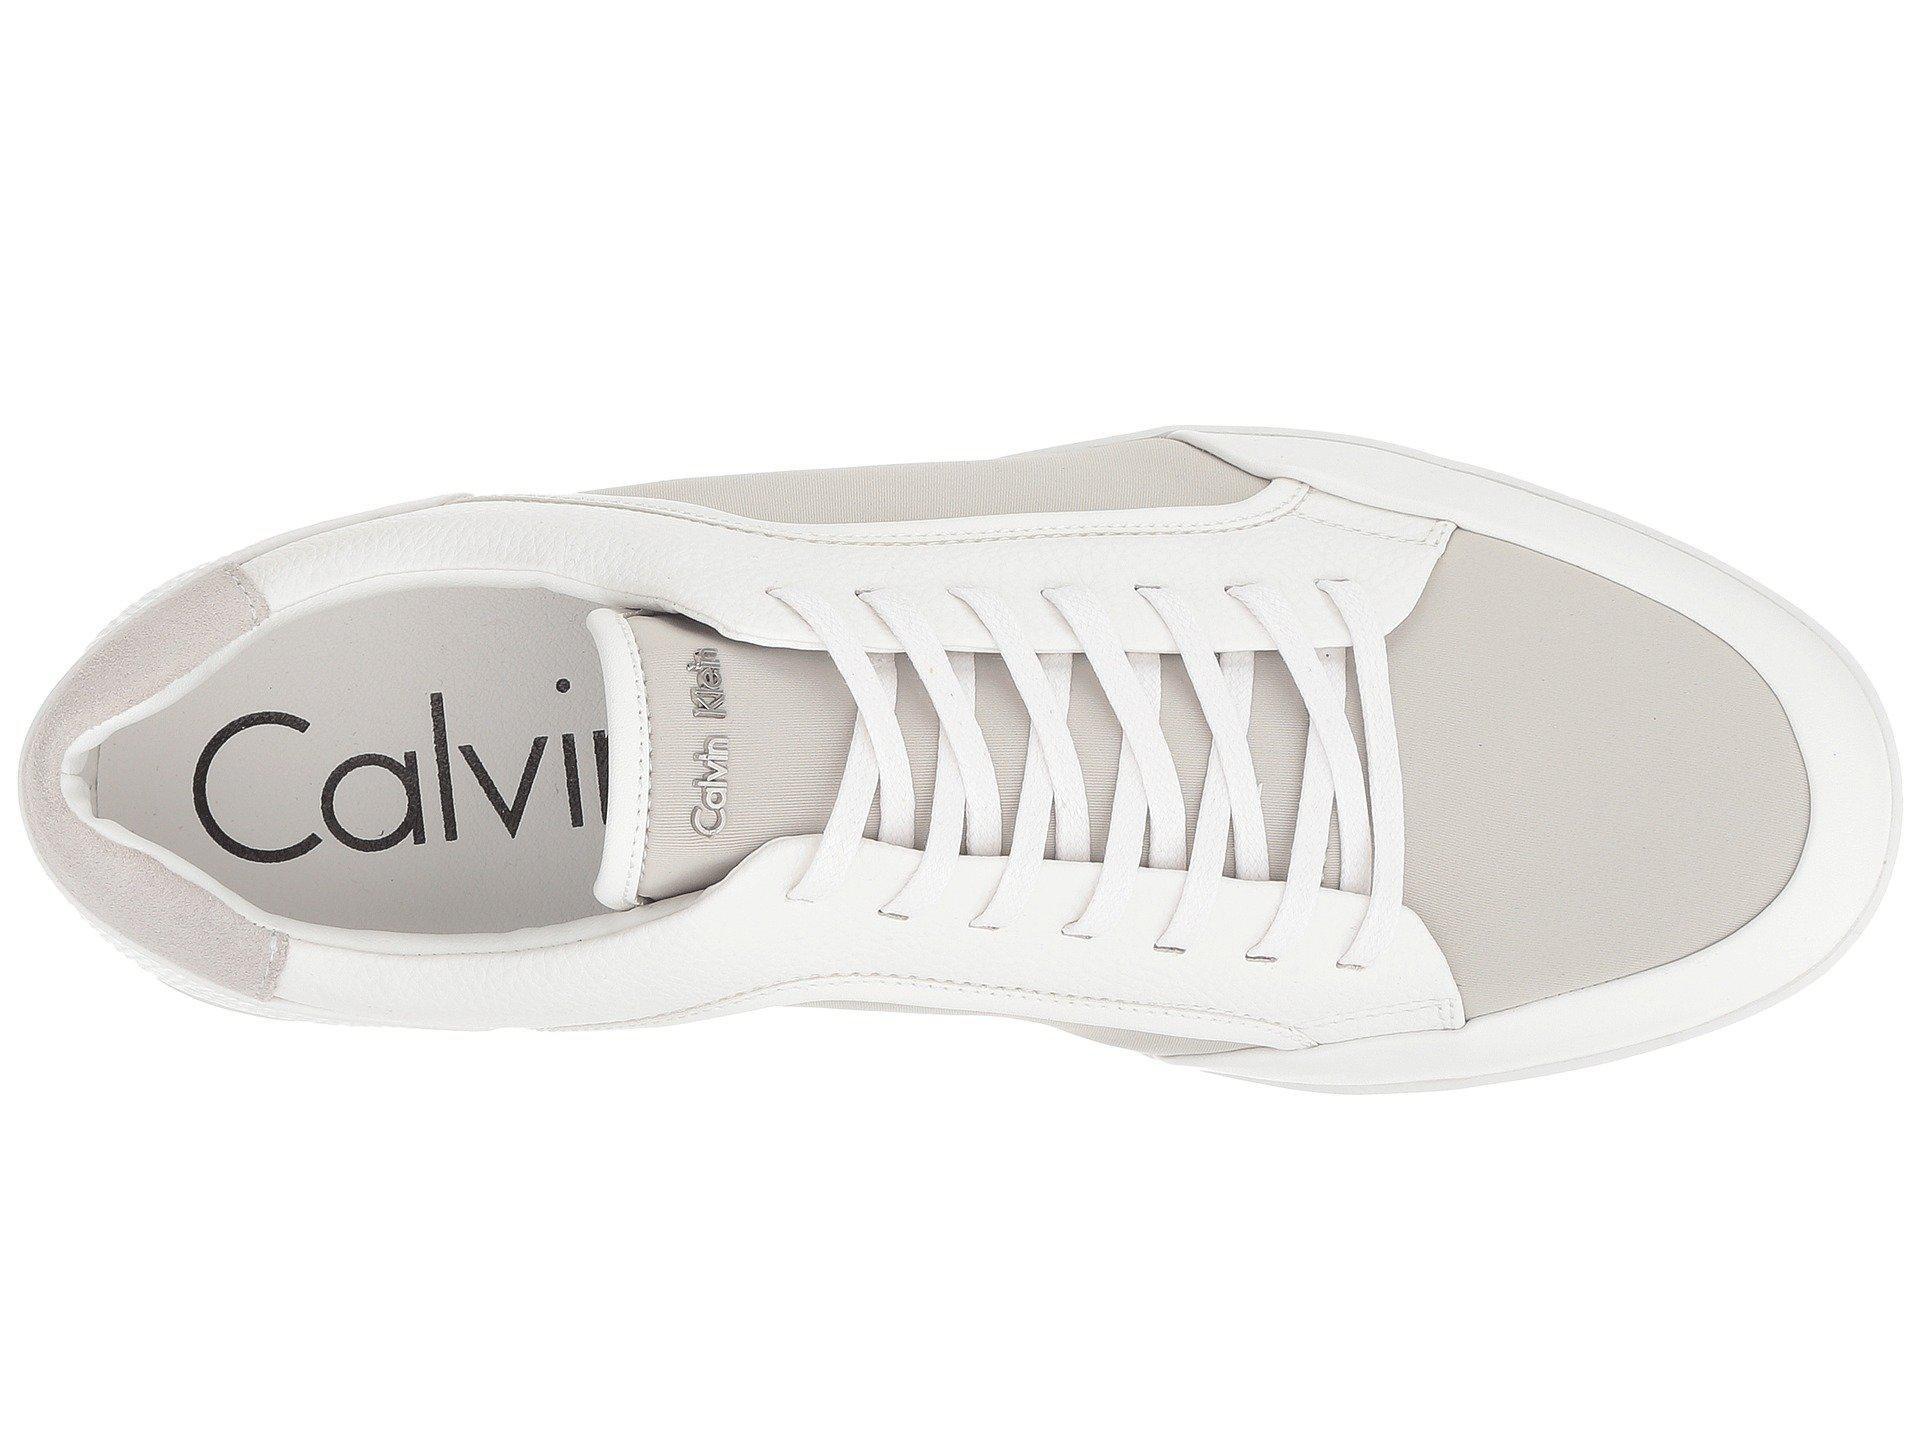 Maxen 2 Calvin Klein rr9jq